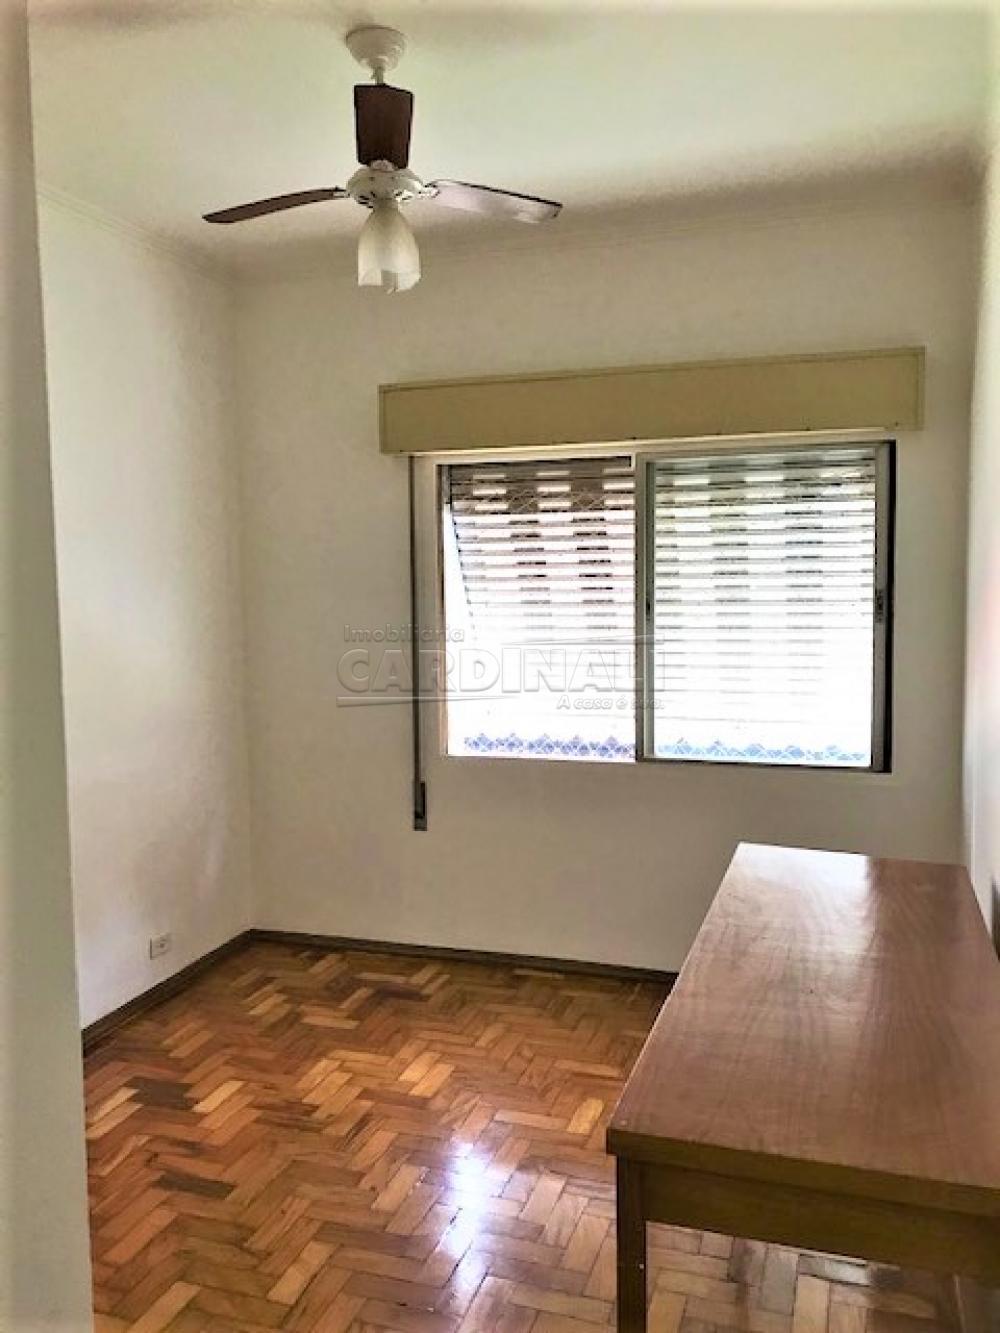 Comprar Apartamento / Padrão em São Carlos R$ 370.000,00 - Foto 26